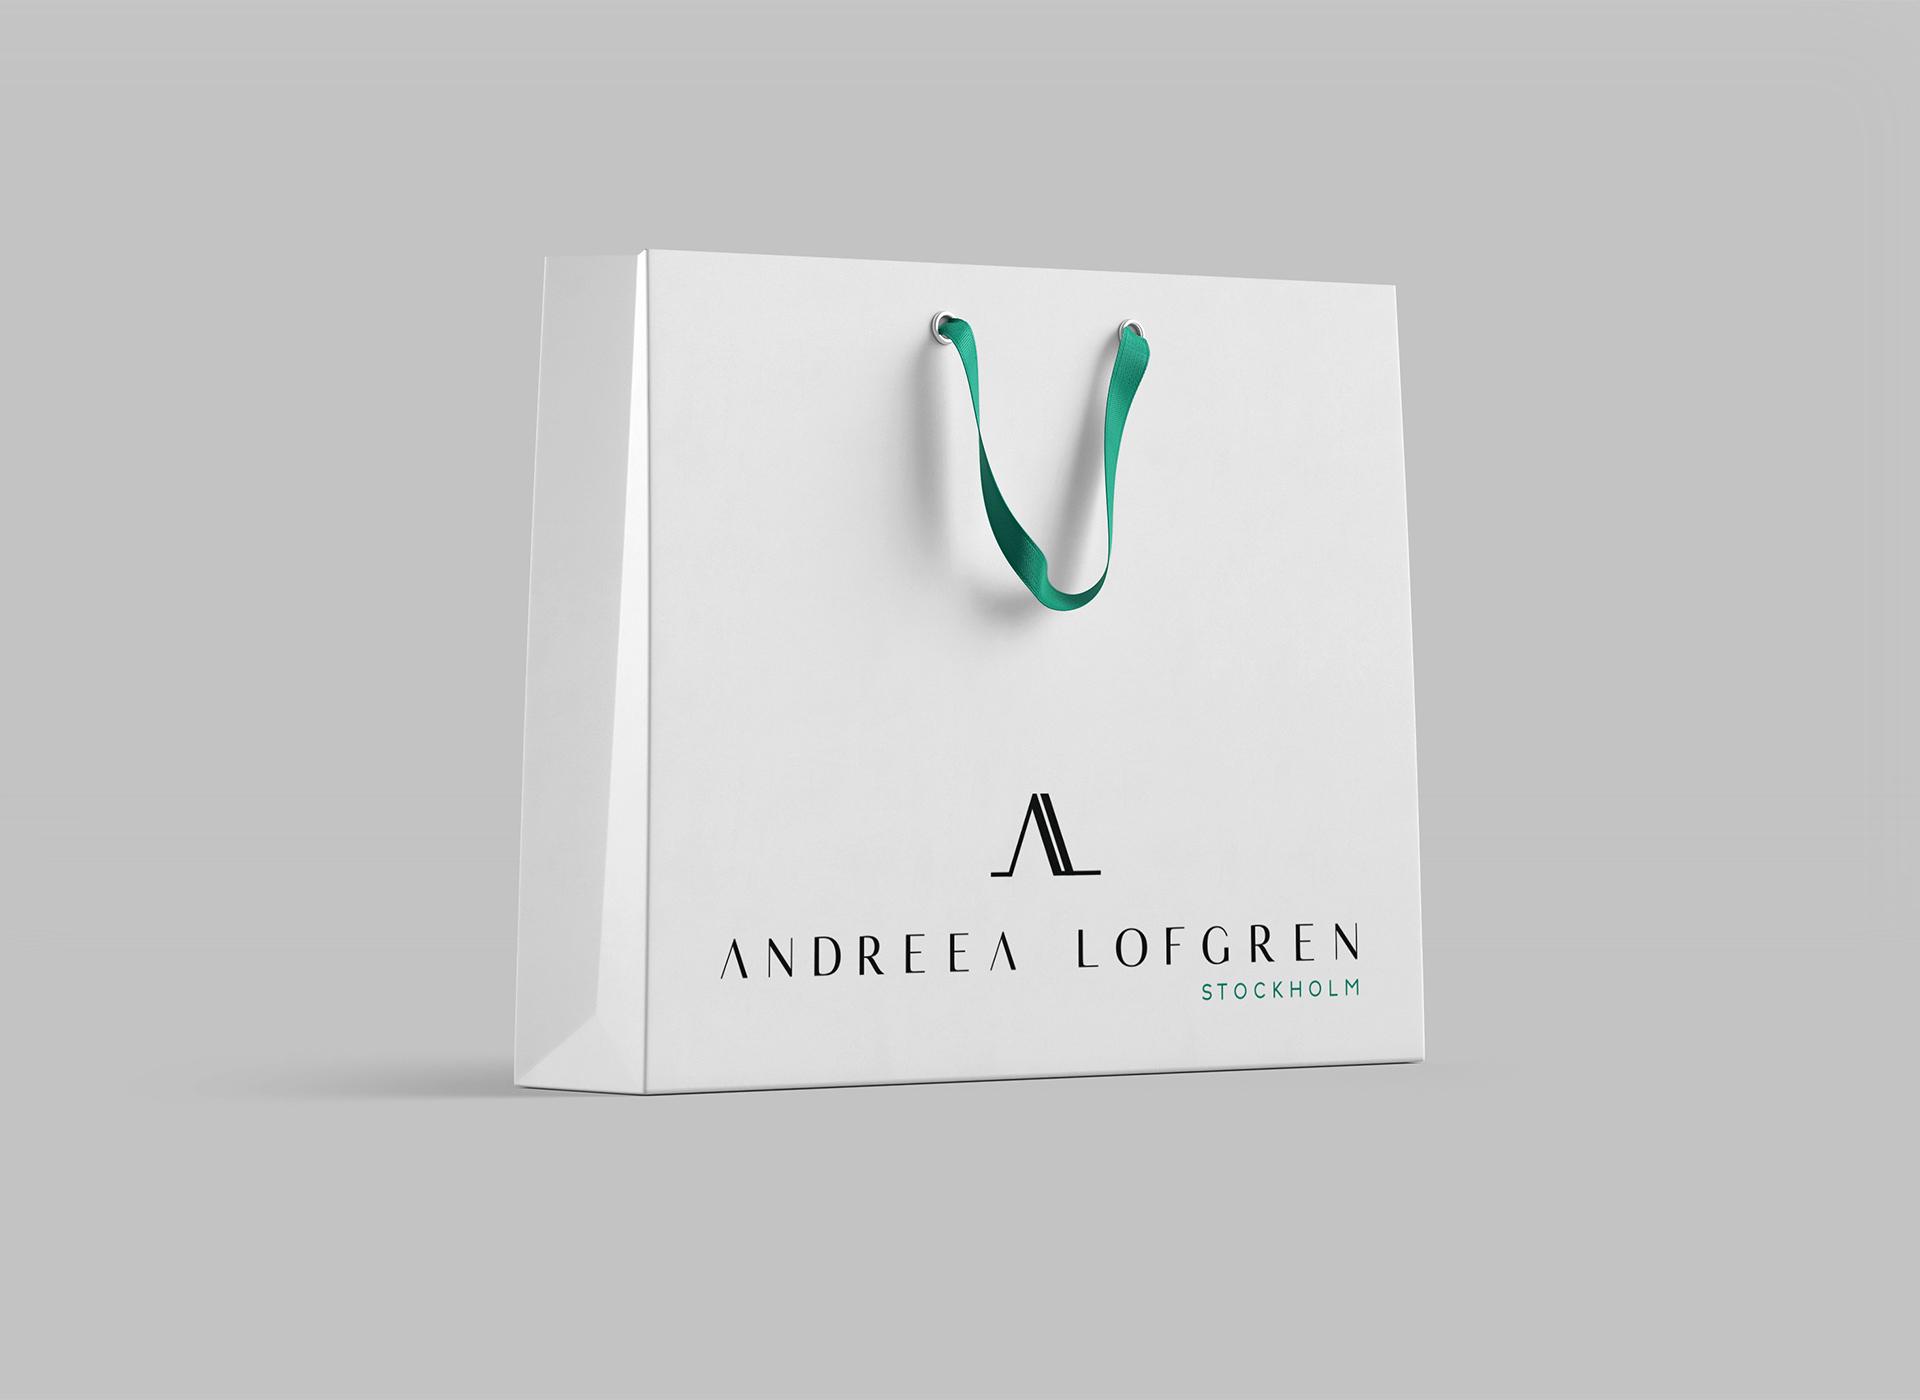 Andreea Lofgren portfolio inoveo bag